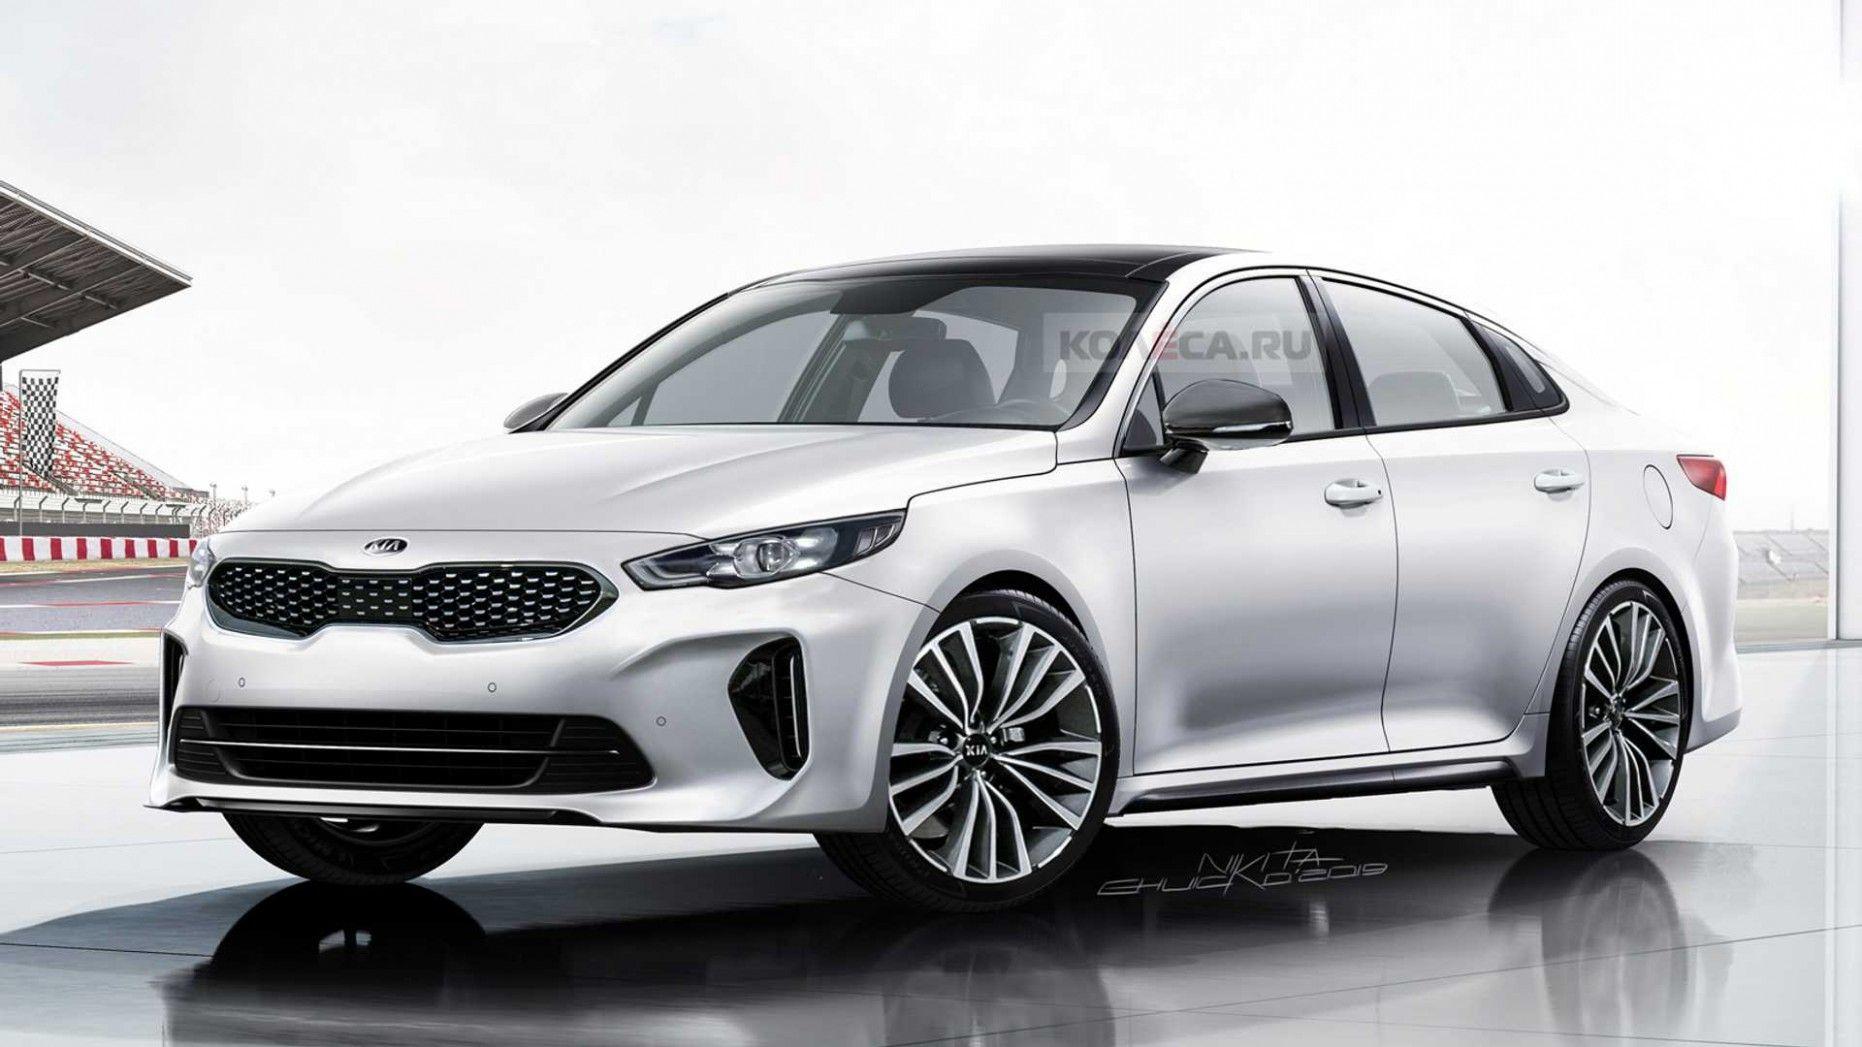 Kia Optima 2020 Review Interior Kia Optima 2020 Review Kia S